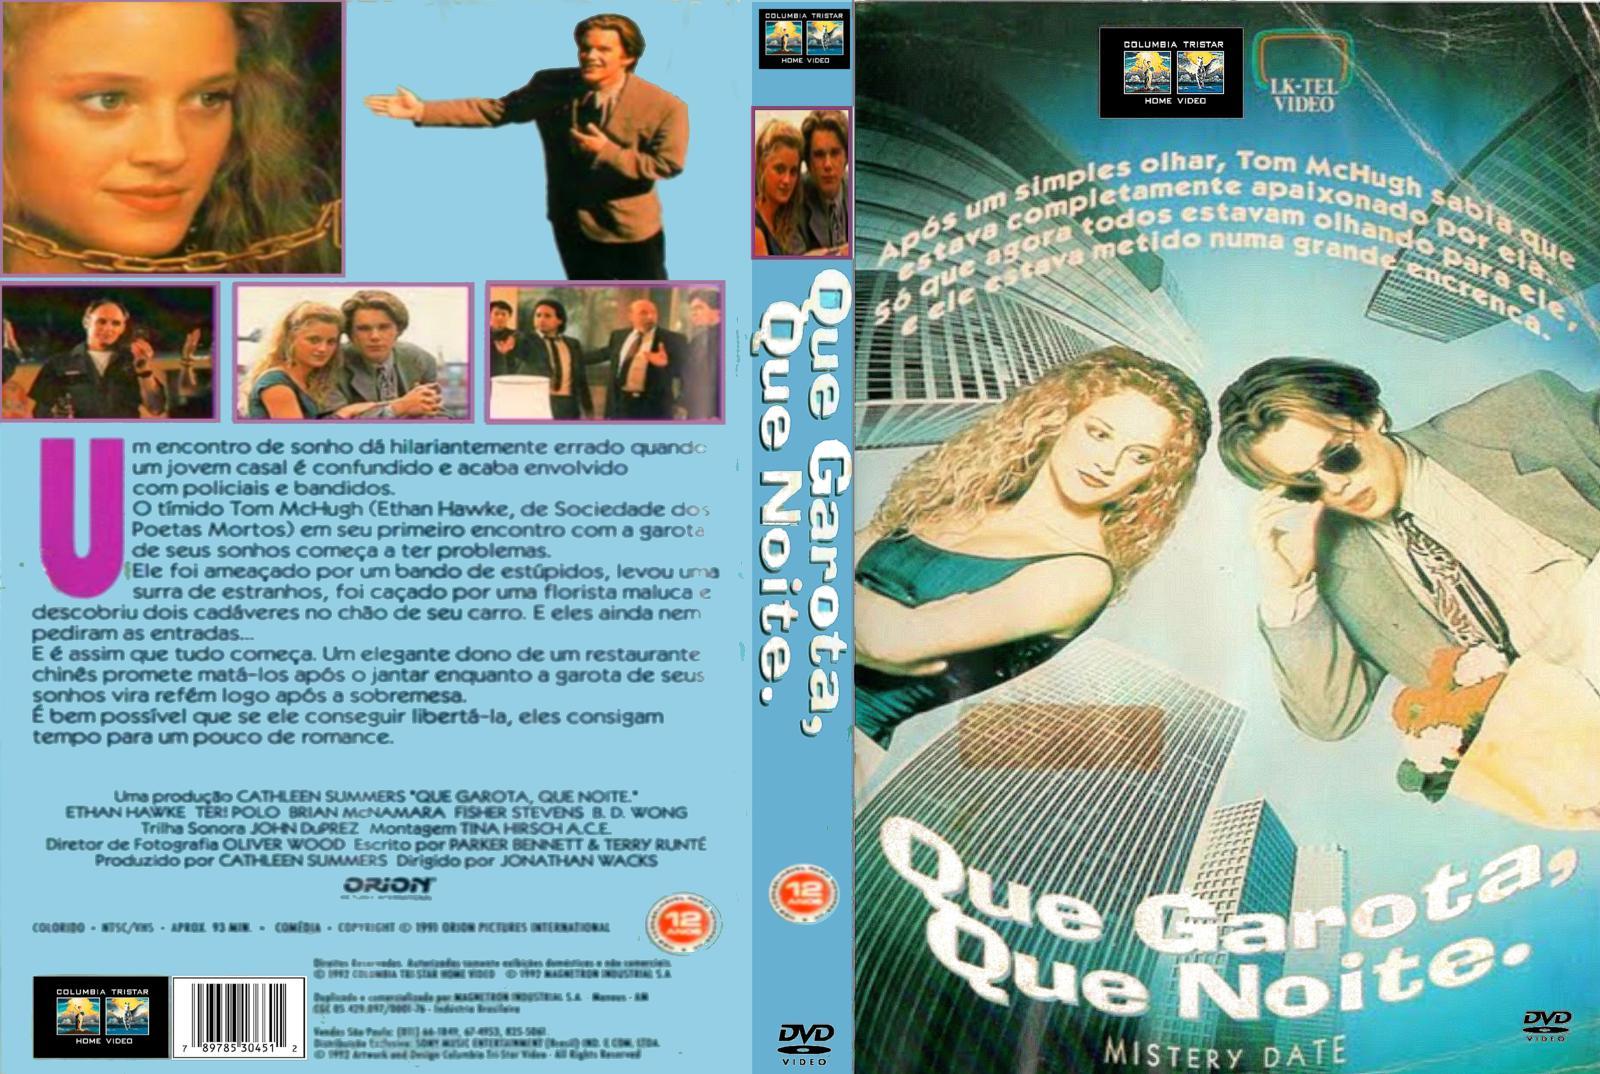 Capas de Dvd e Filmes: Capa do Filme Que Garota Que Noite